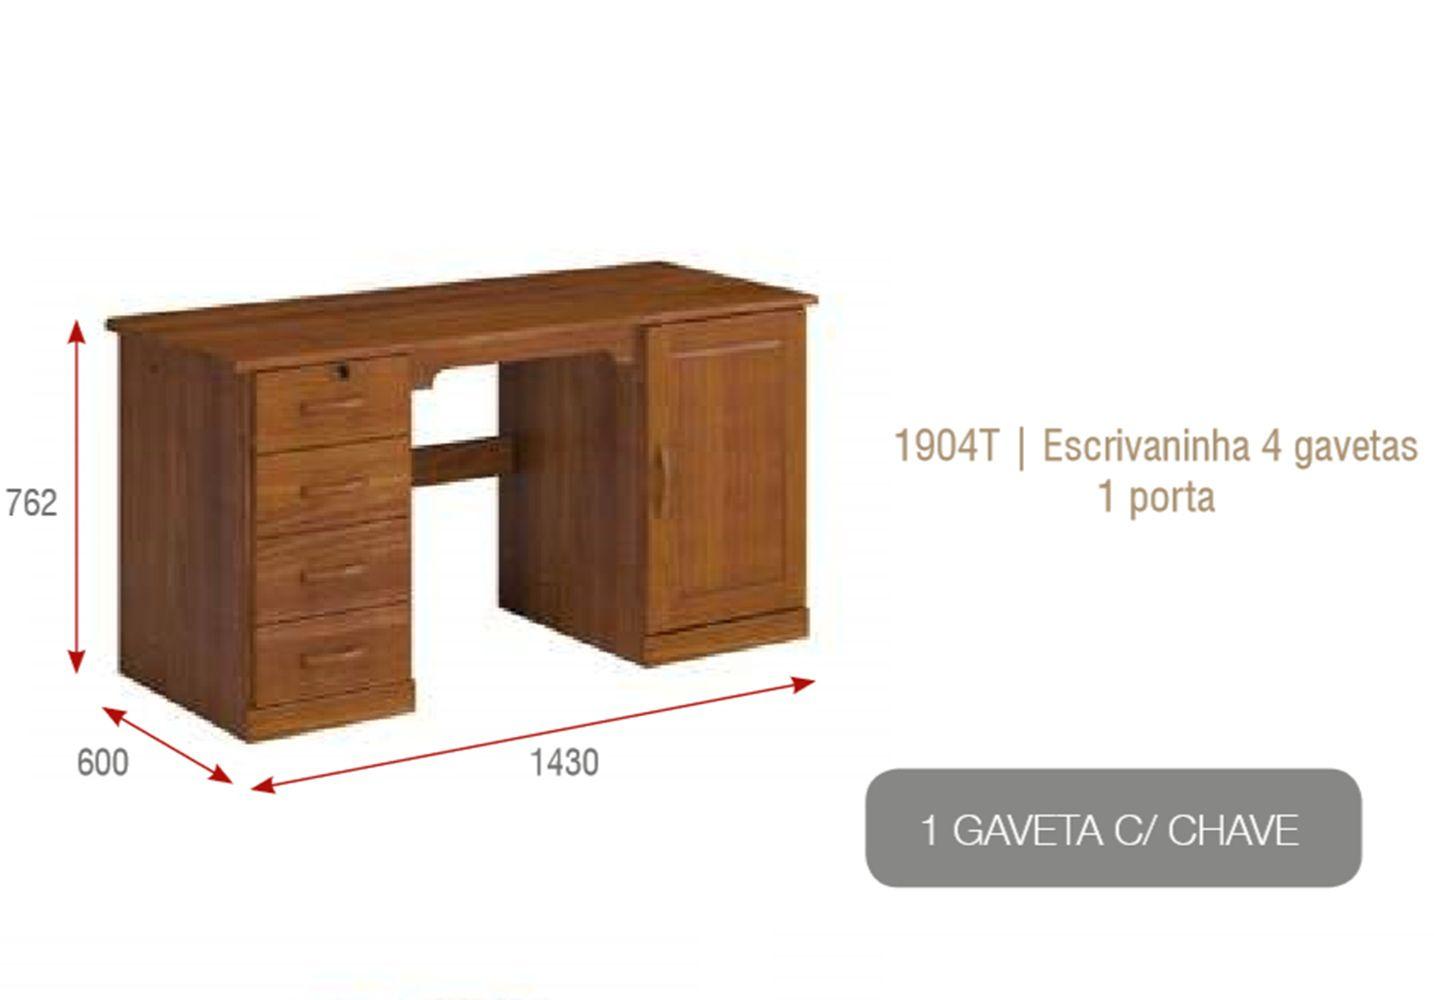 Escrivaninha - 4 Gavetas - Porta Office - Madeira Maciça - Imbuia